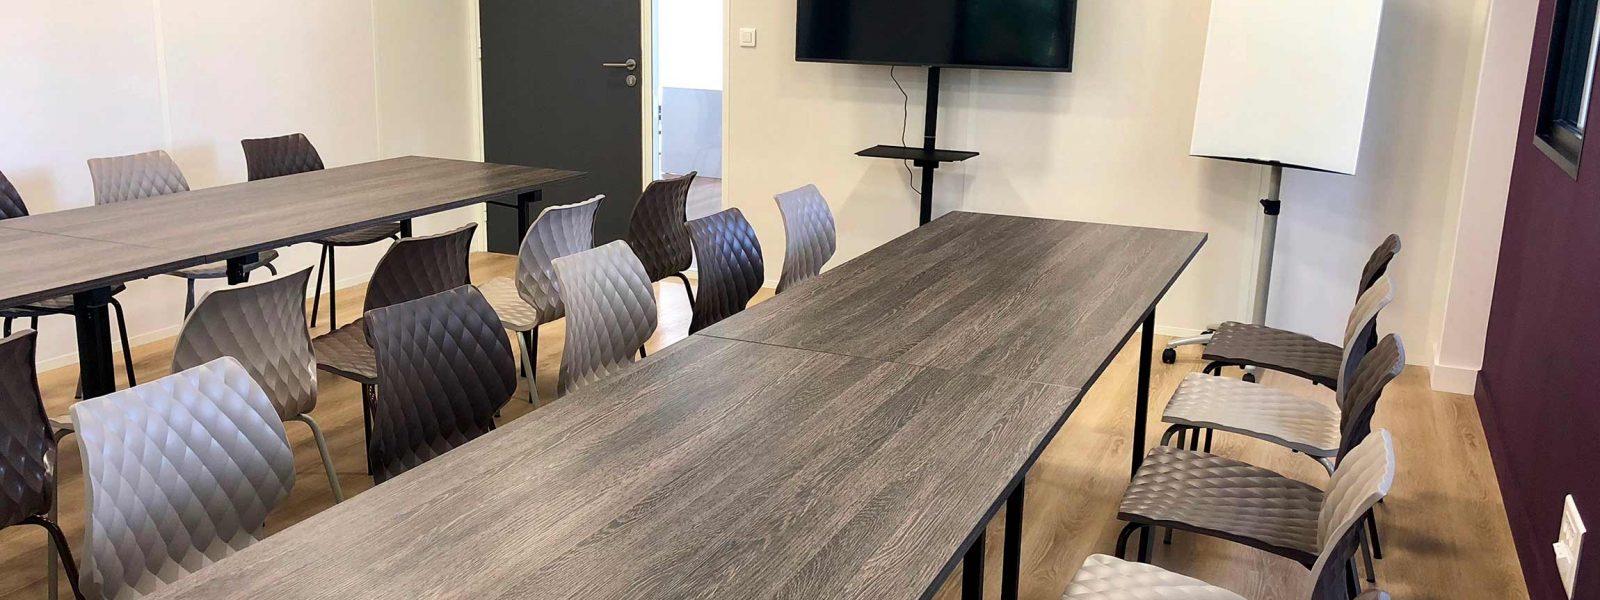 Salle de réunion à Work Sweet Home à Bruz